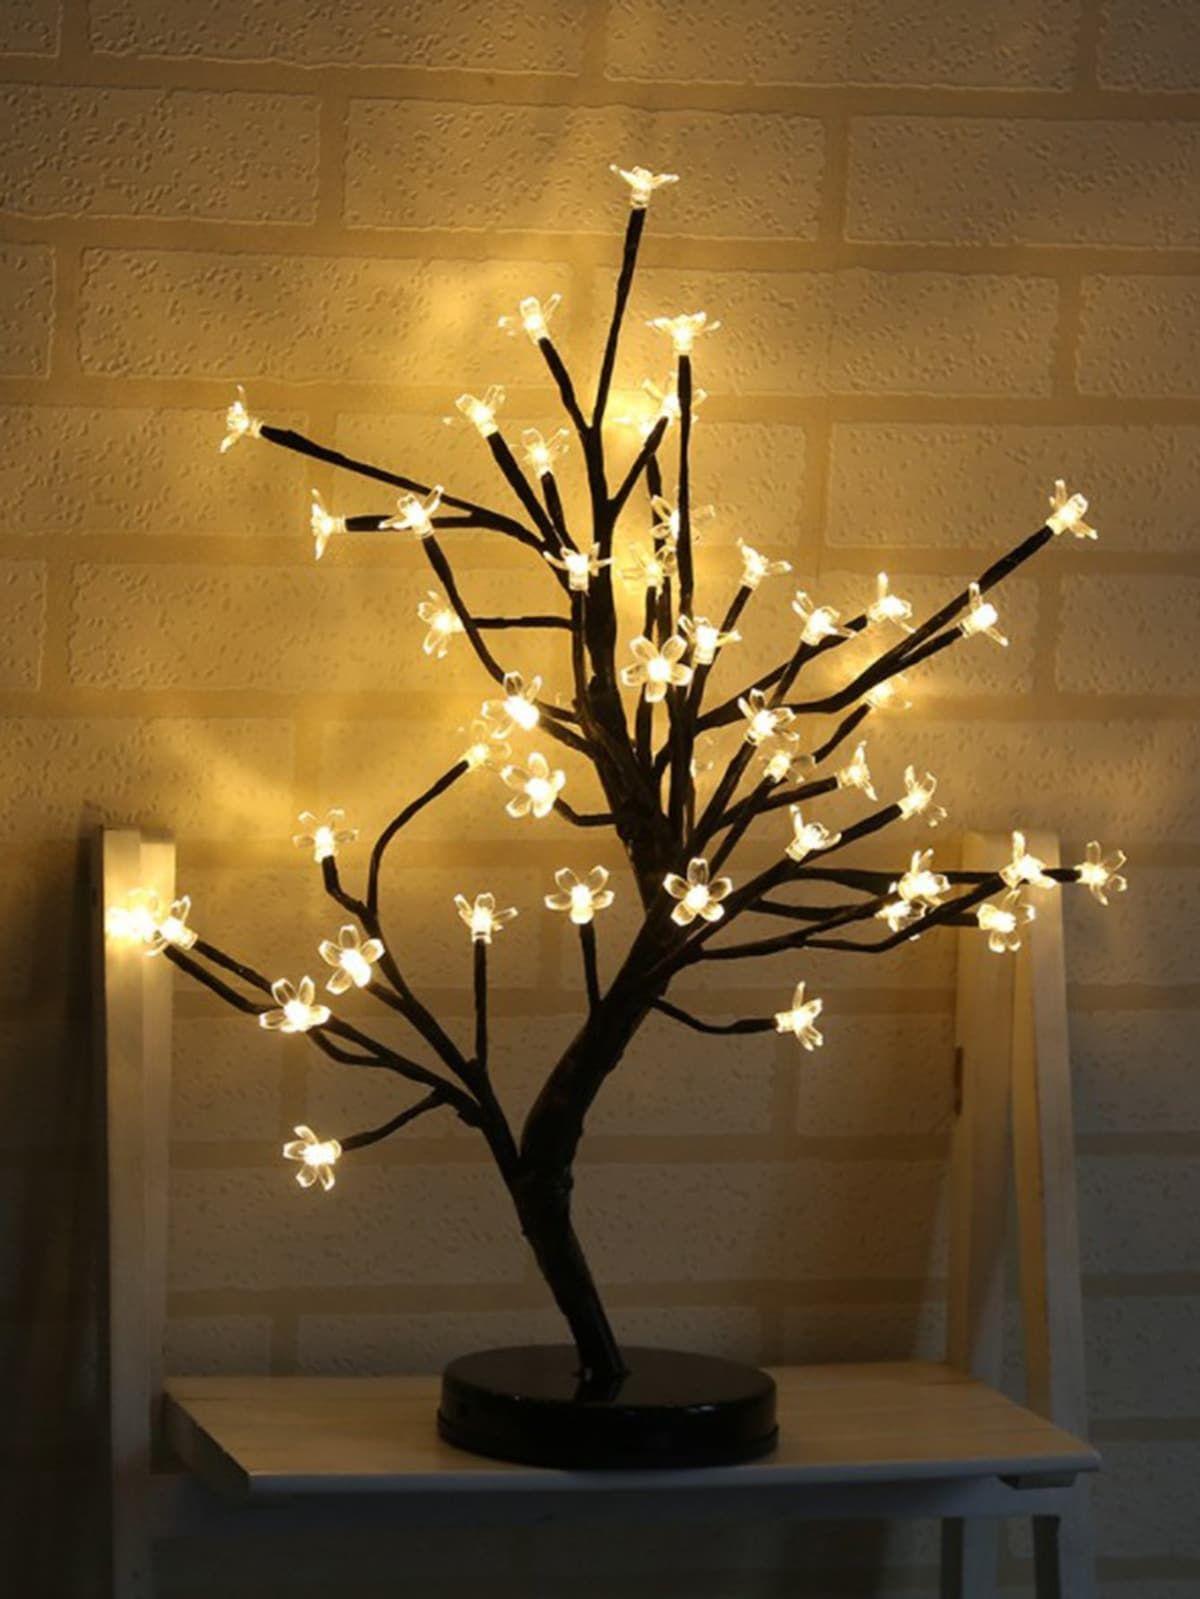 20pcs Bulb Tree Shaped Table Lamp 12v